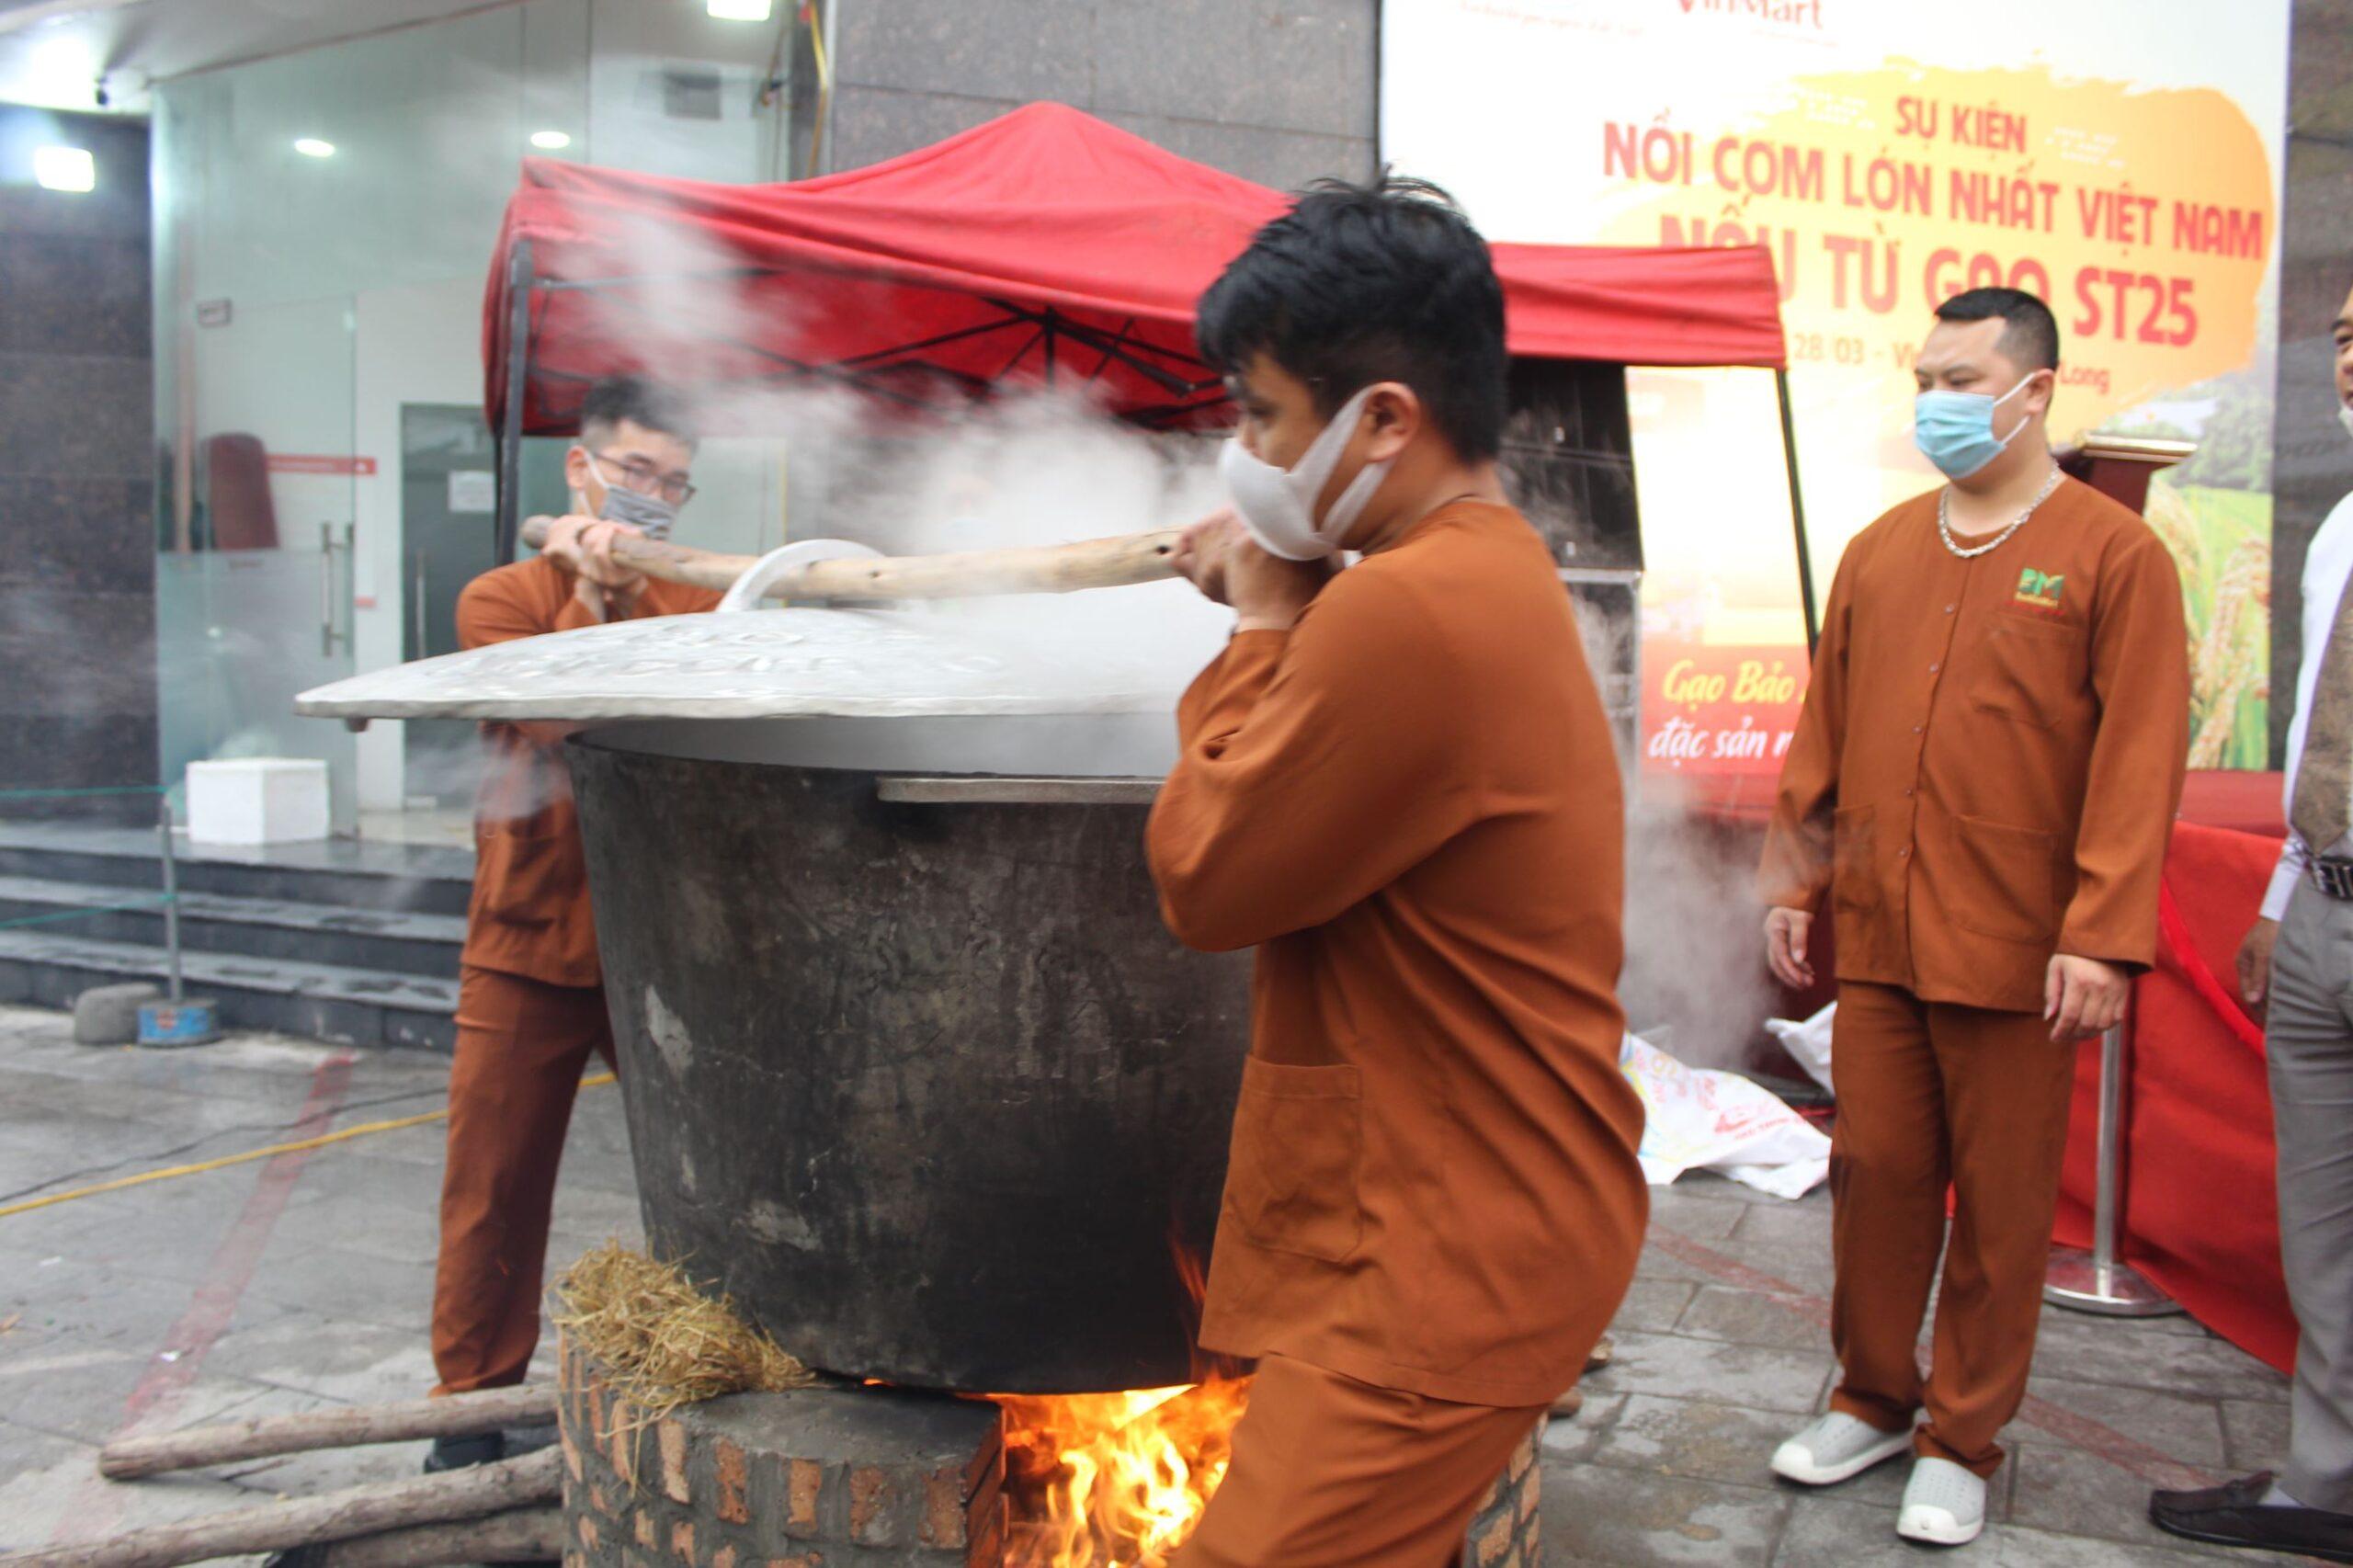 Nhân viên phụ trách nấu cơm cùng nhau hợp sức khiêng nắp vung để chuẩn bị đổ gạo vào nước đang sôi trong nồi.